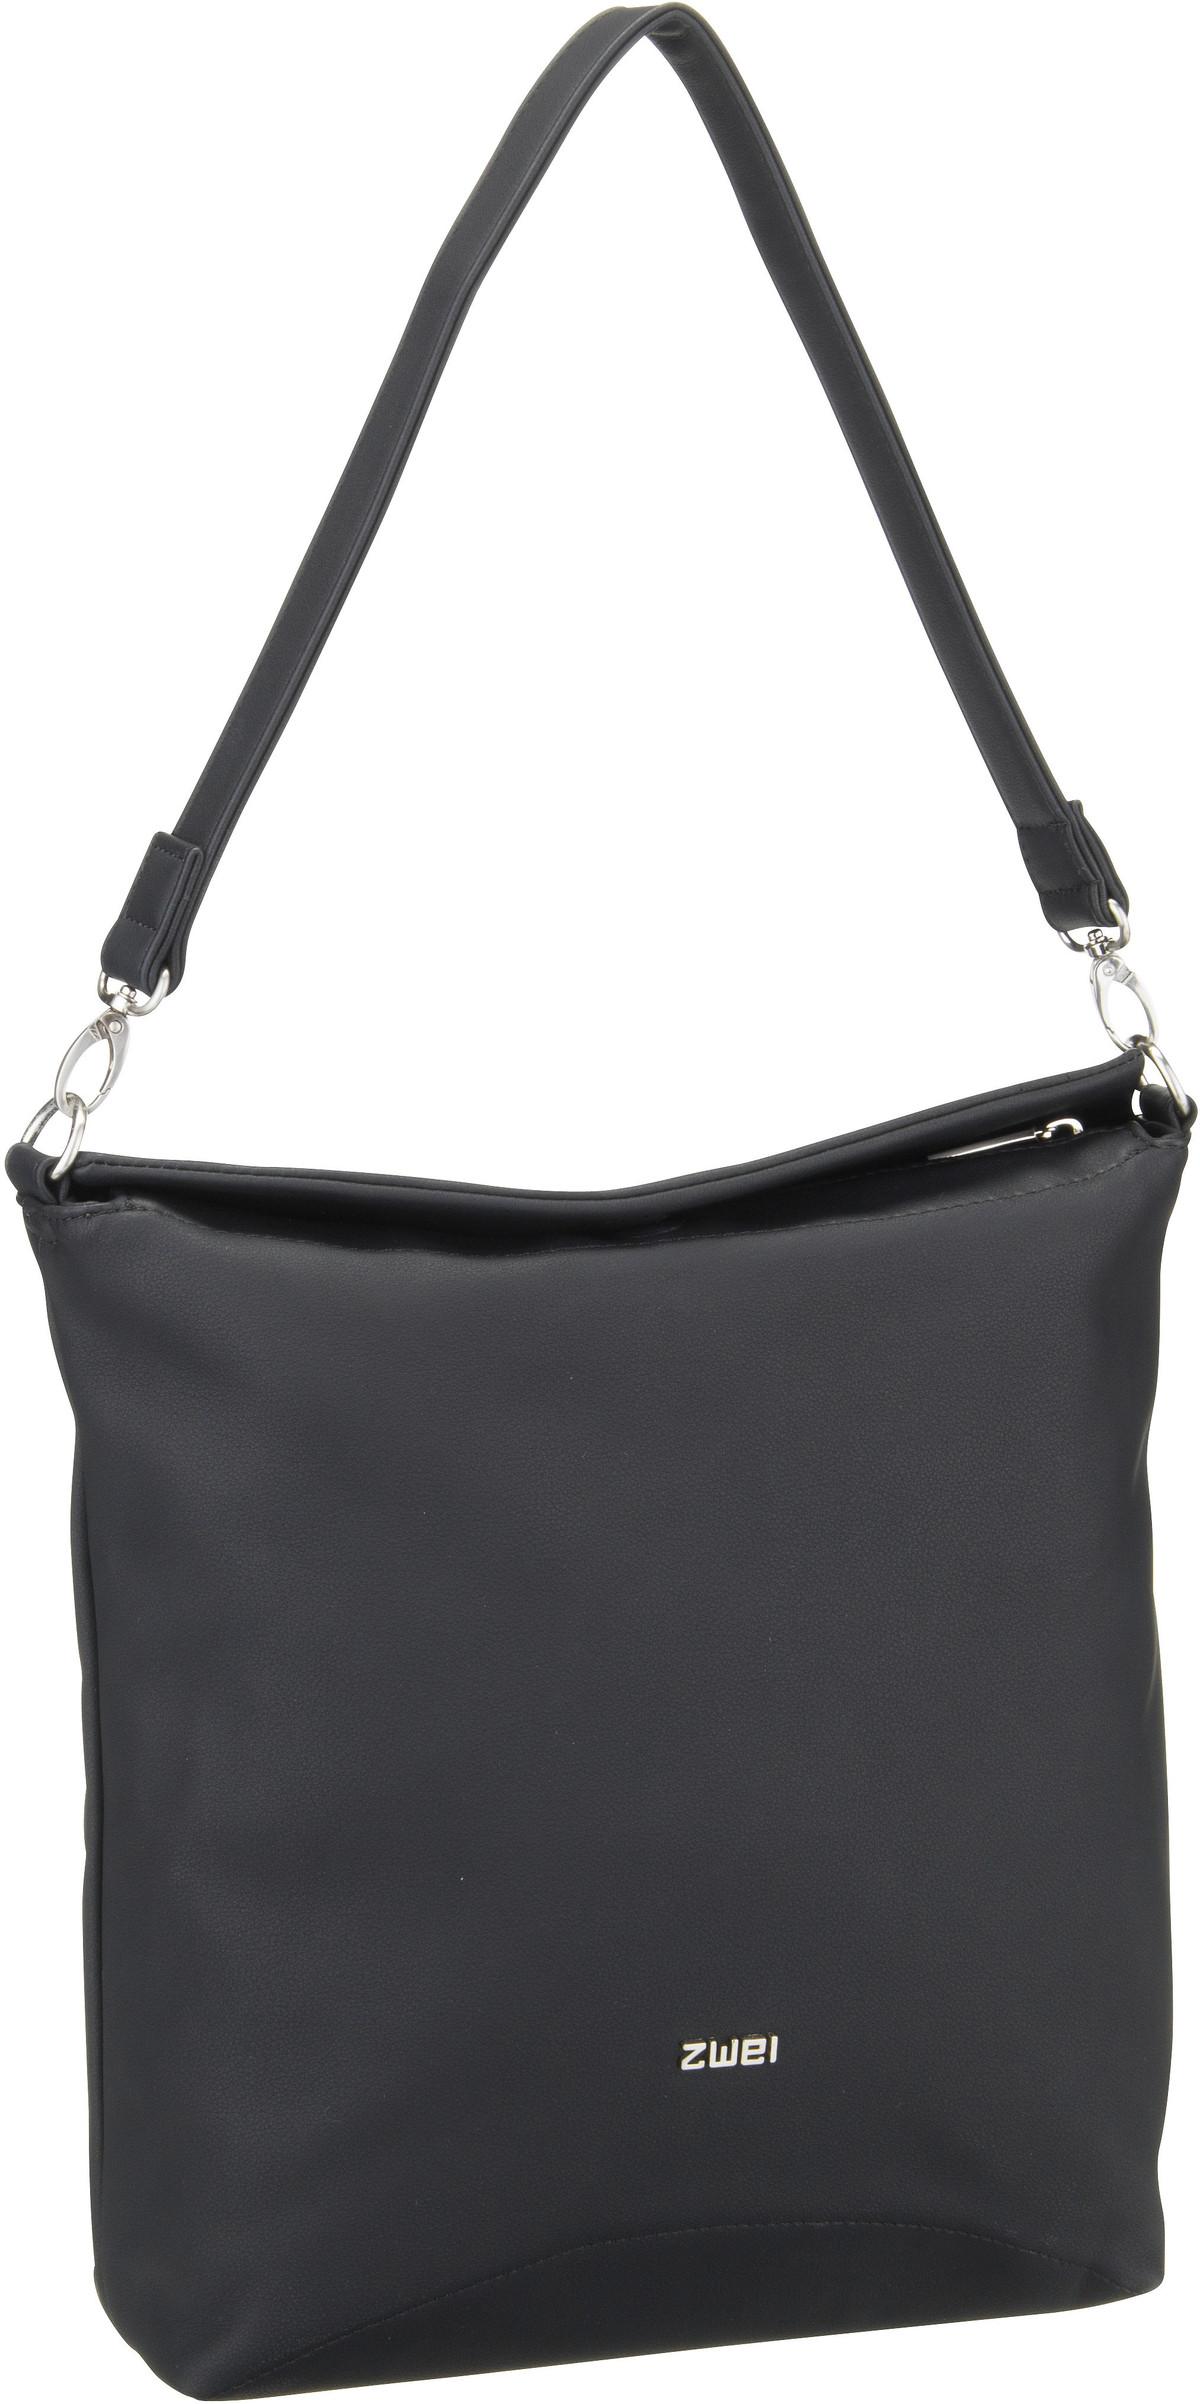 Handtasche Elli EL12 Black (8 Liter)